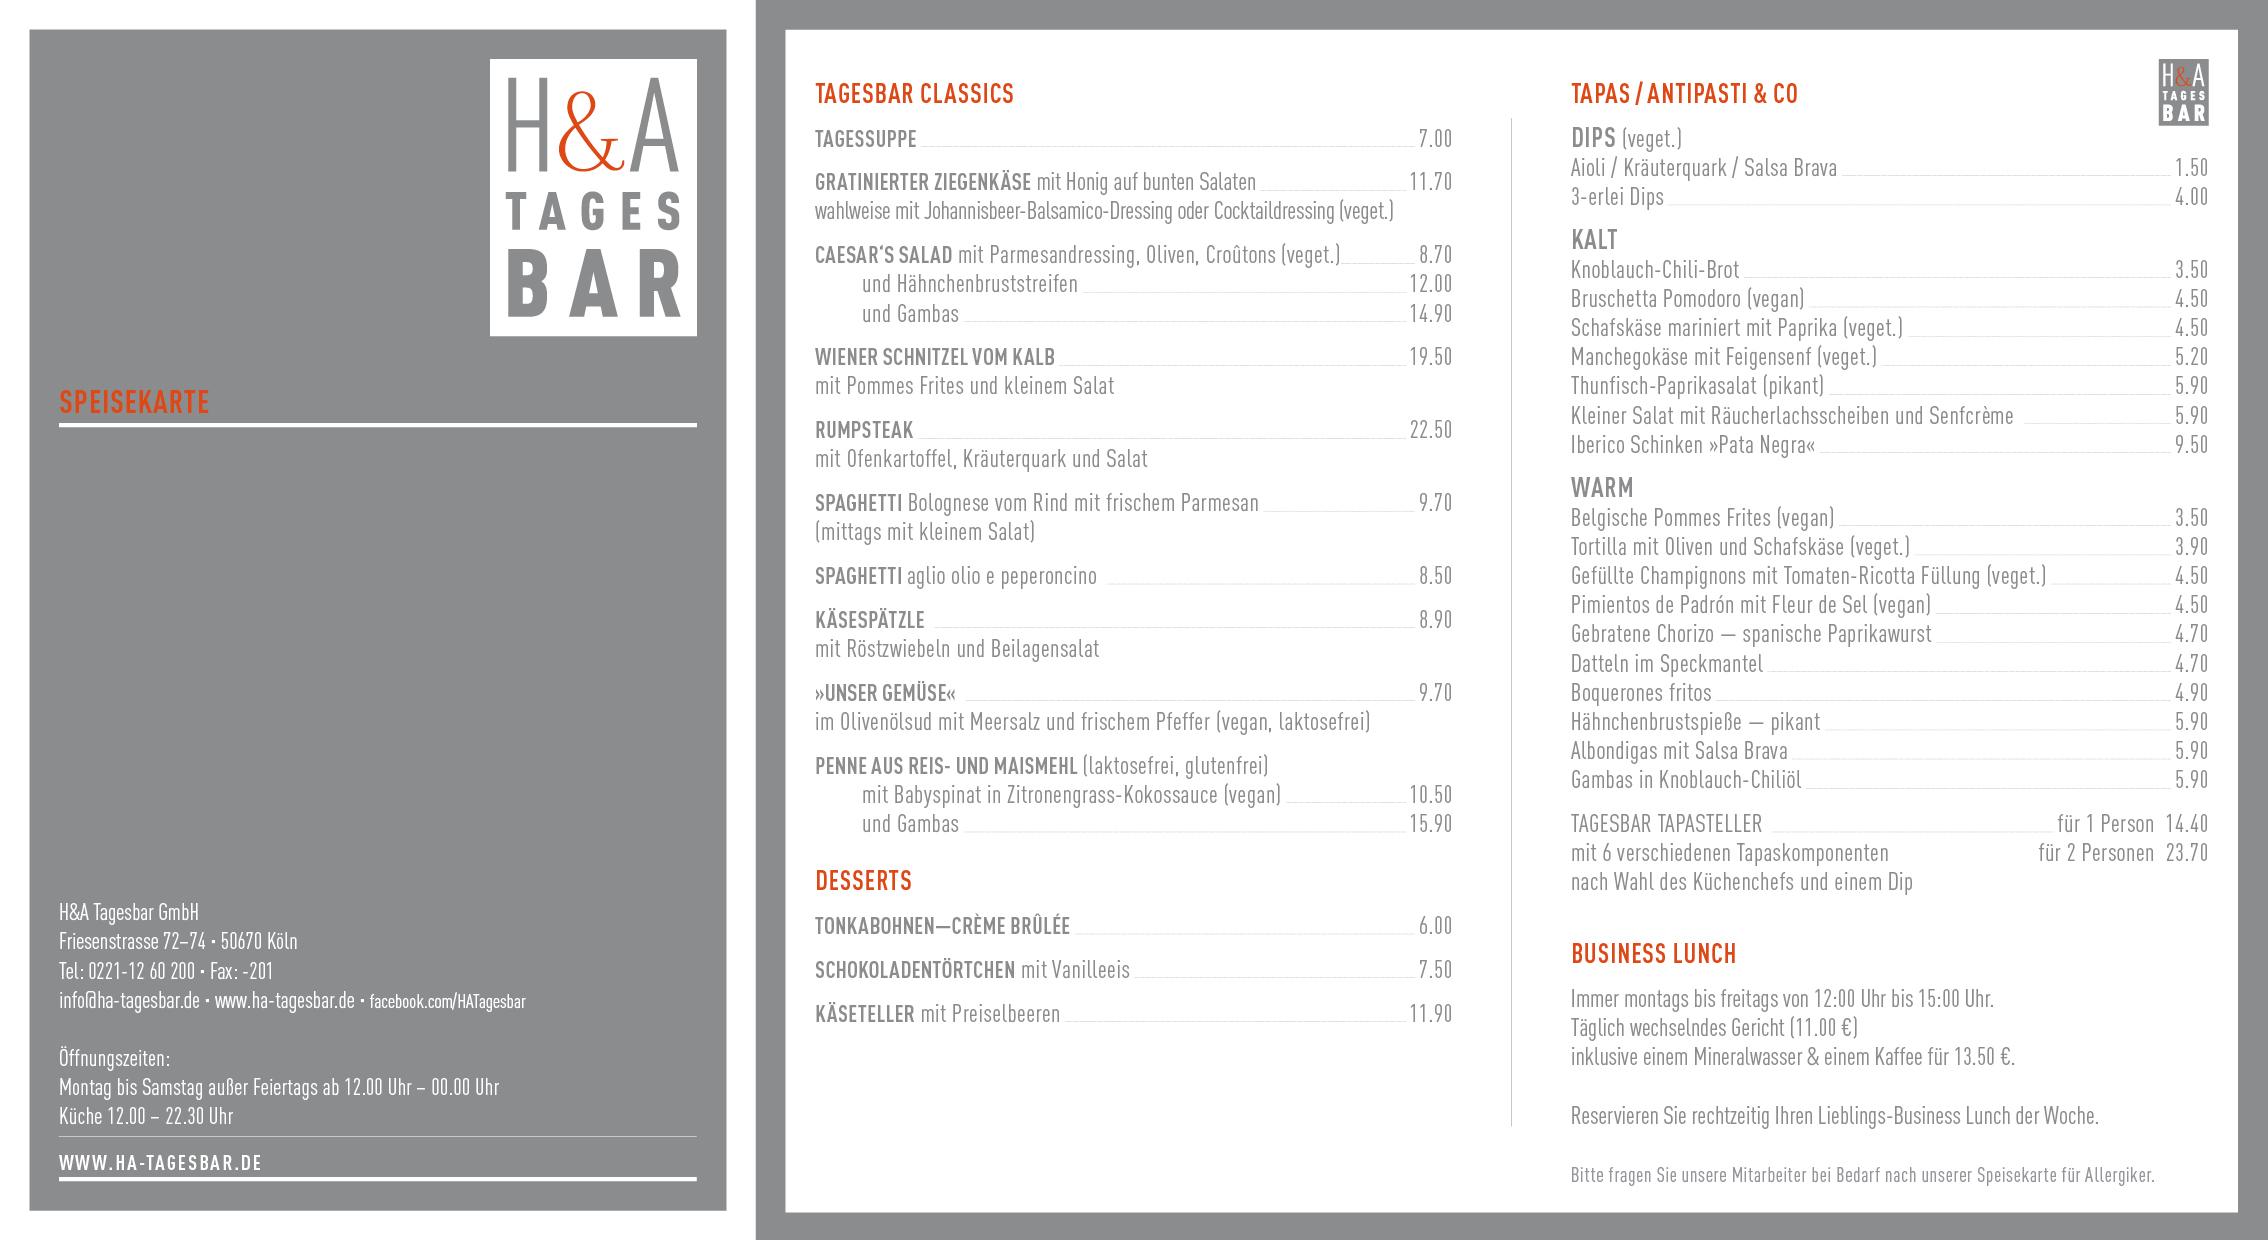 Die Speisekarte für das Restaurant in der Domstadt, Kölle Restaurant in der Innenstadt, am Ring die Tapasbar